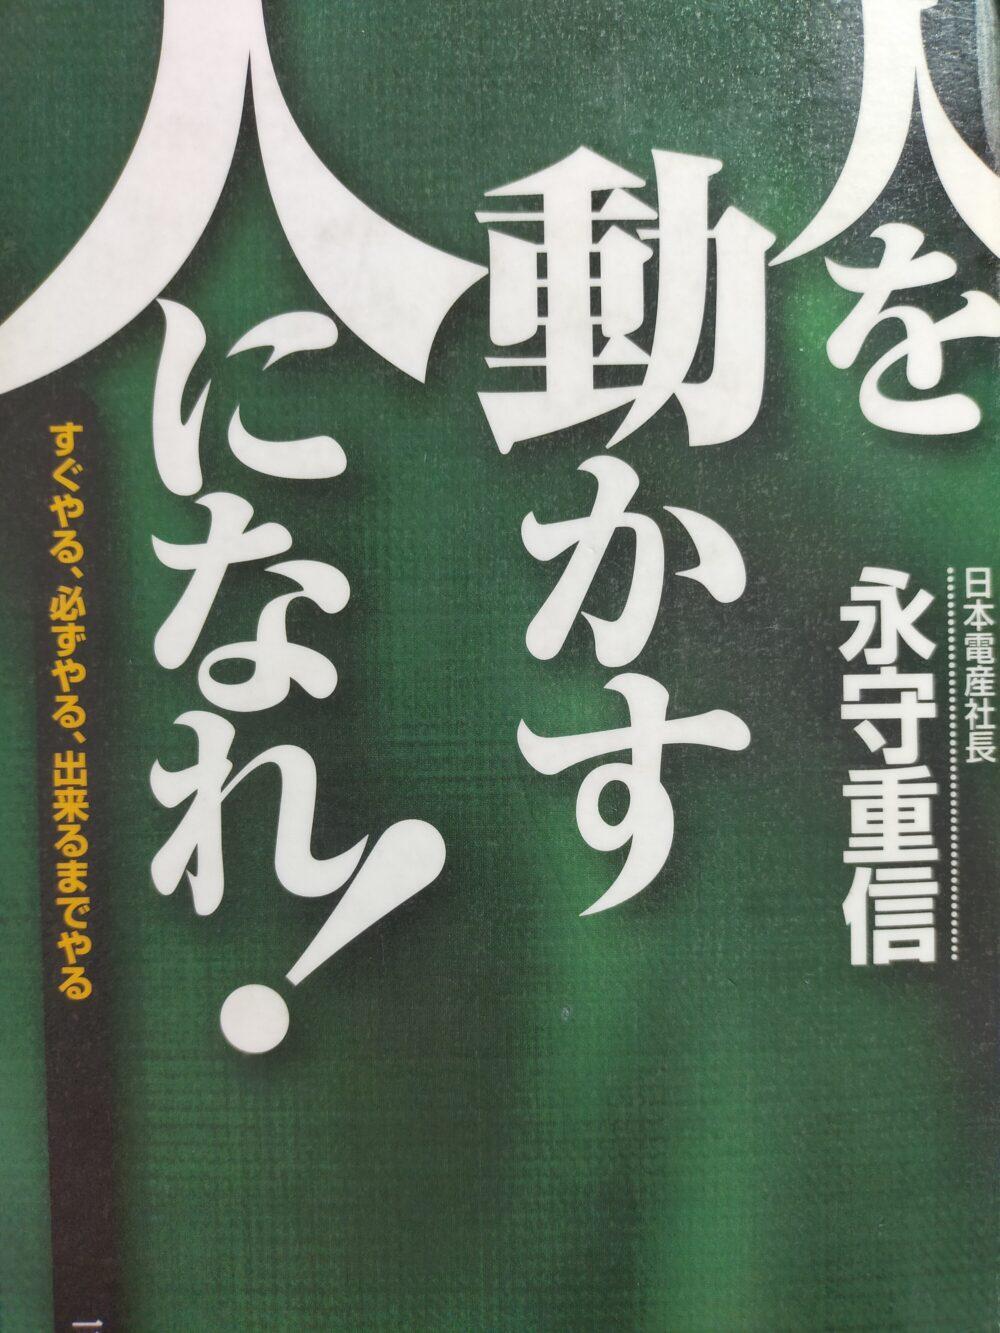 日本電産社長の永守重信さんが書いた本